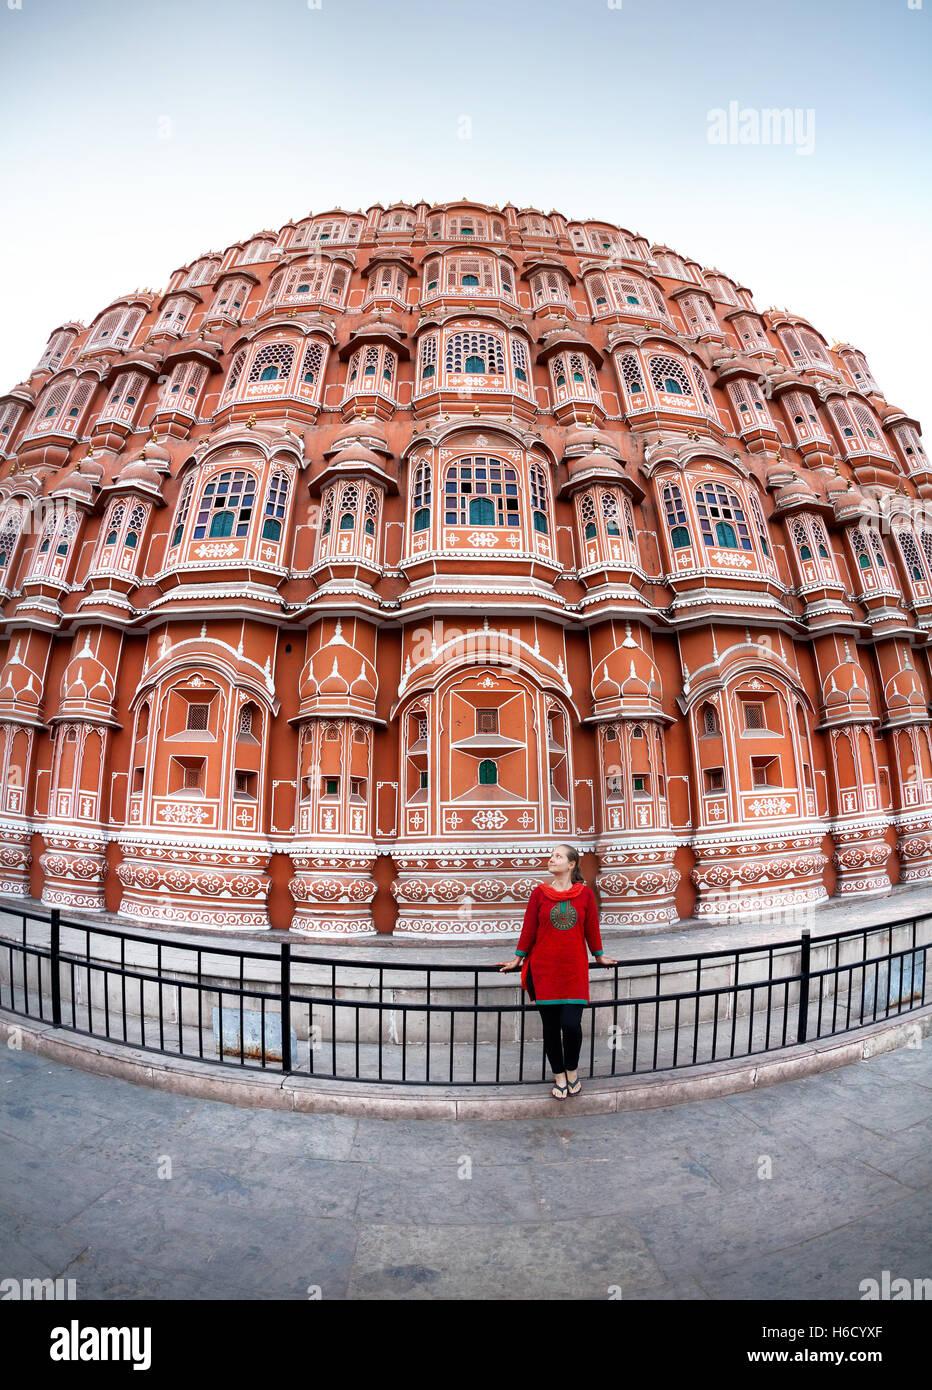 Frau im roten Kleid mit Schal Stand in der Nähe Fassade des Hawa Mahal, Rajasthan, Indien Stockbild